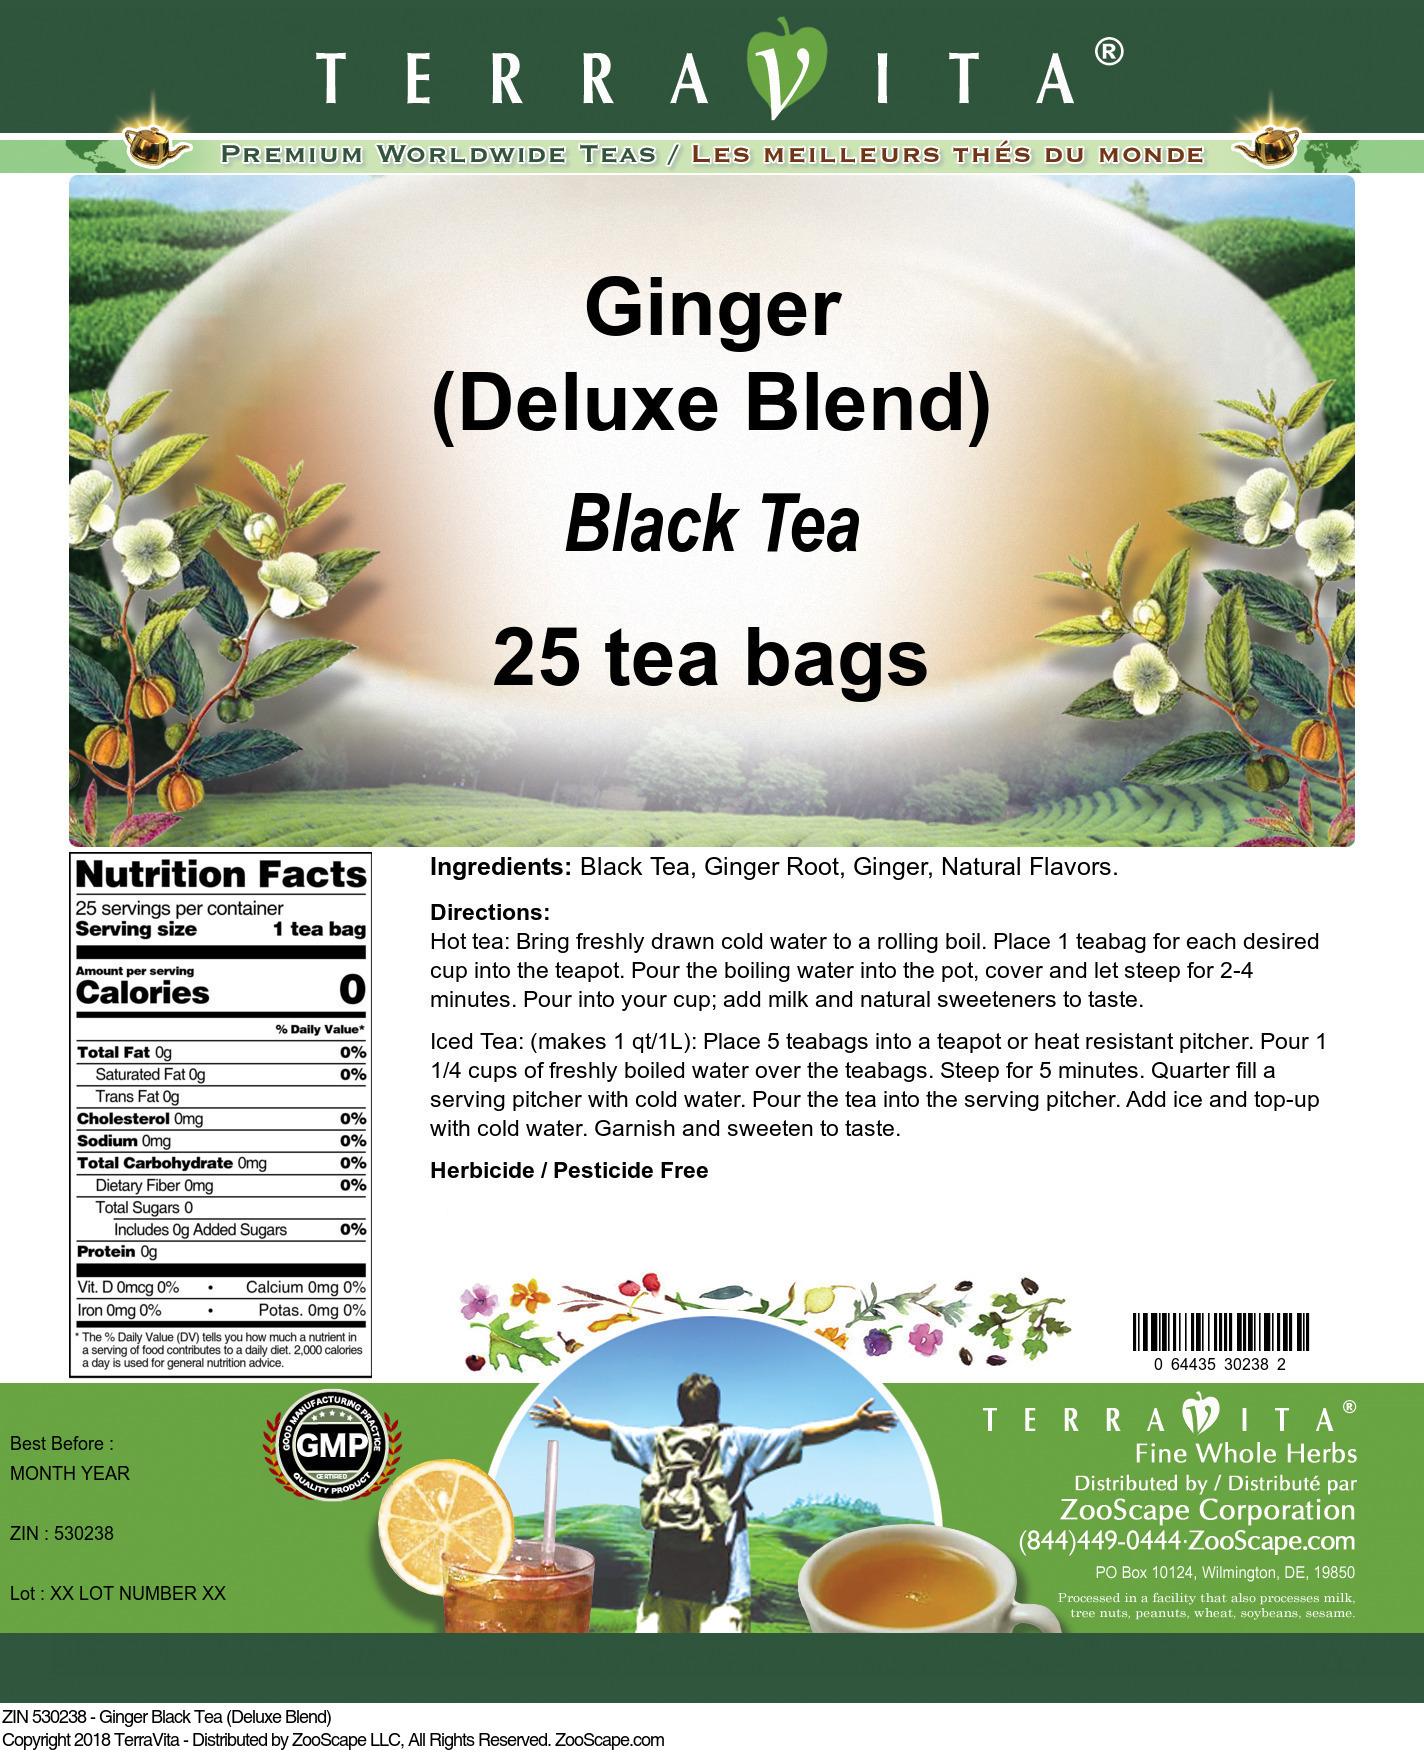 Ginger Black Tea (Deluxe Blend)